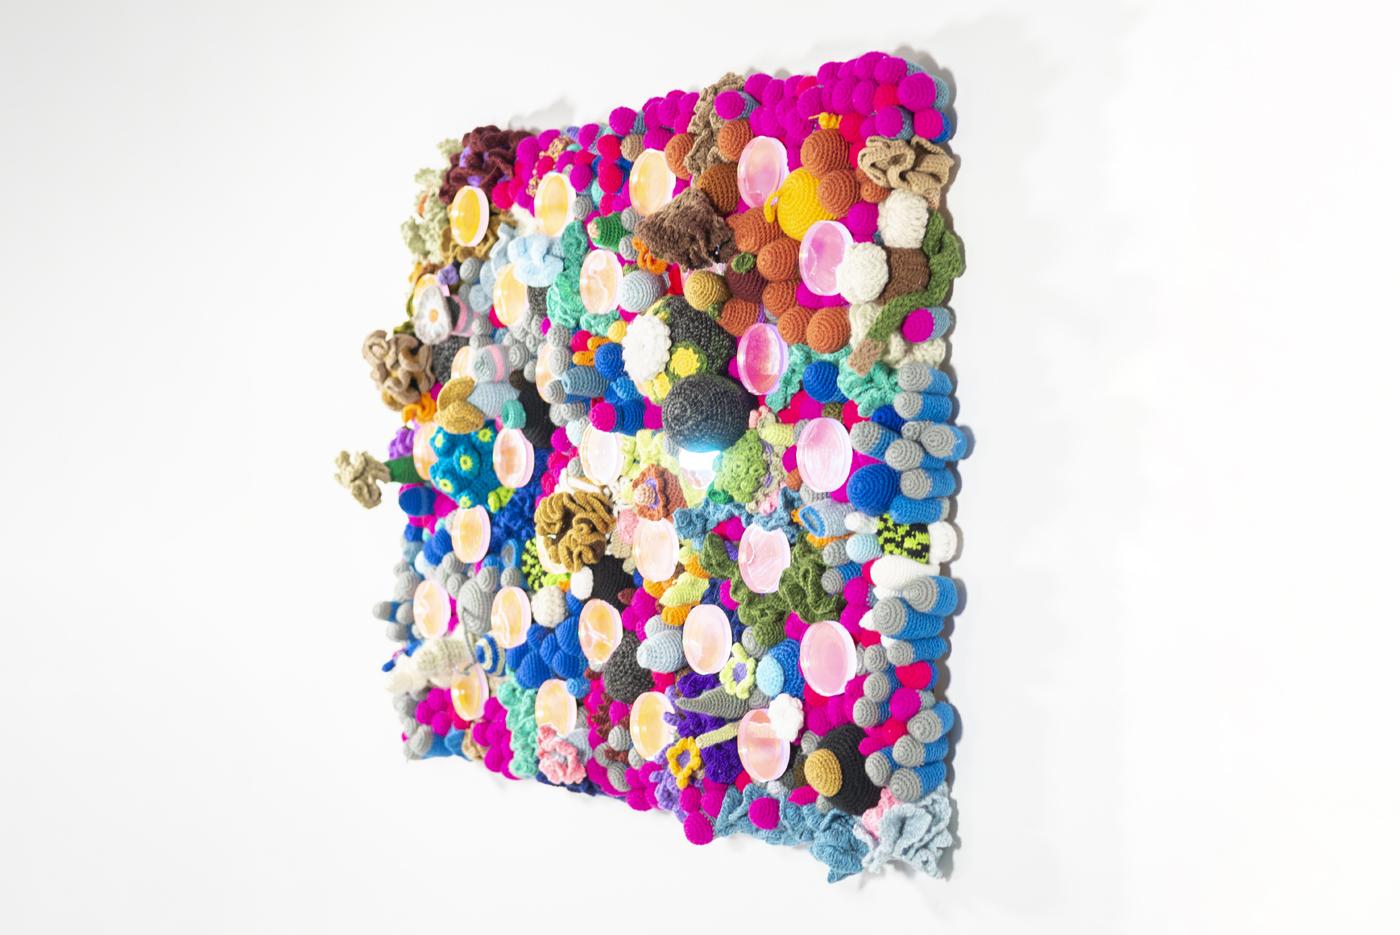 Acrylic, dichroic film, crochet on wood, untamed wonder.